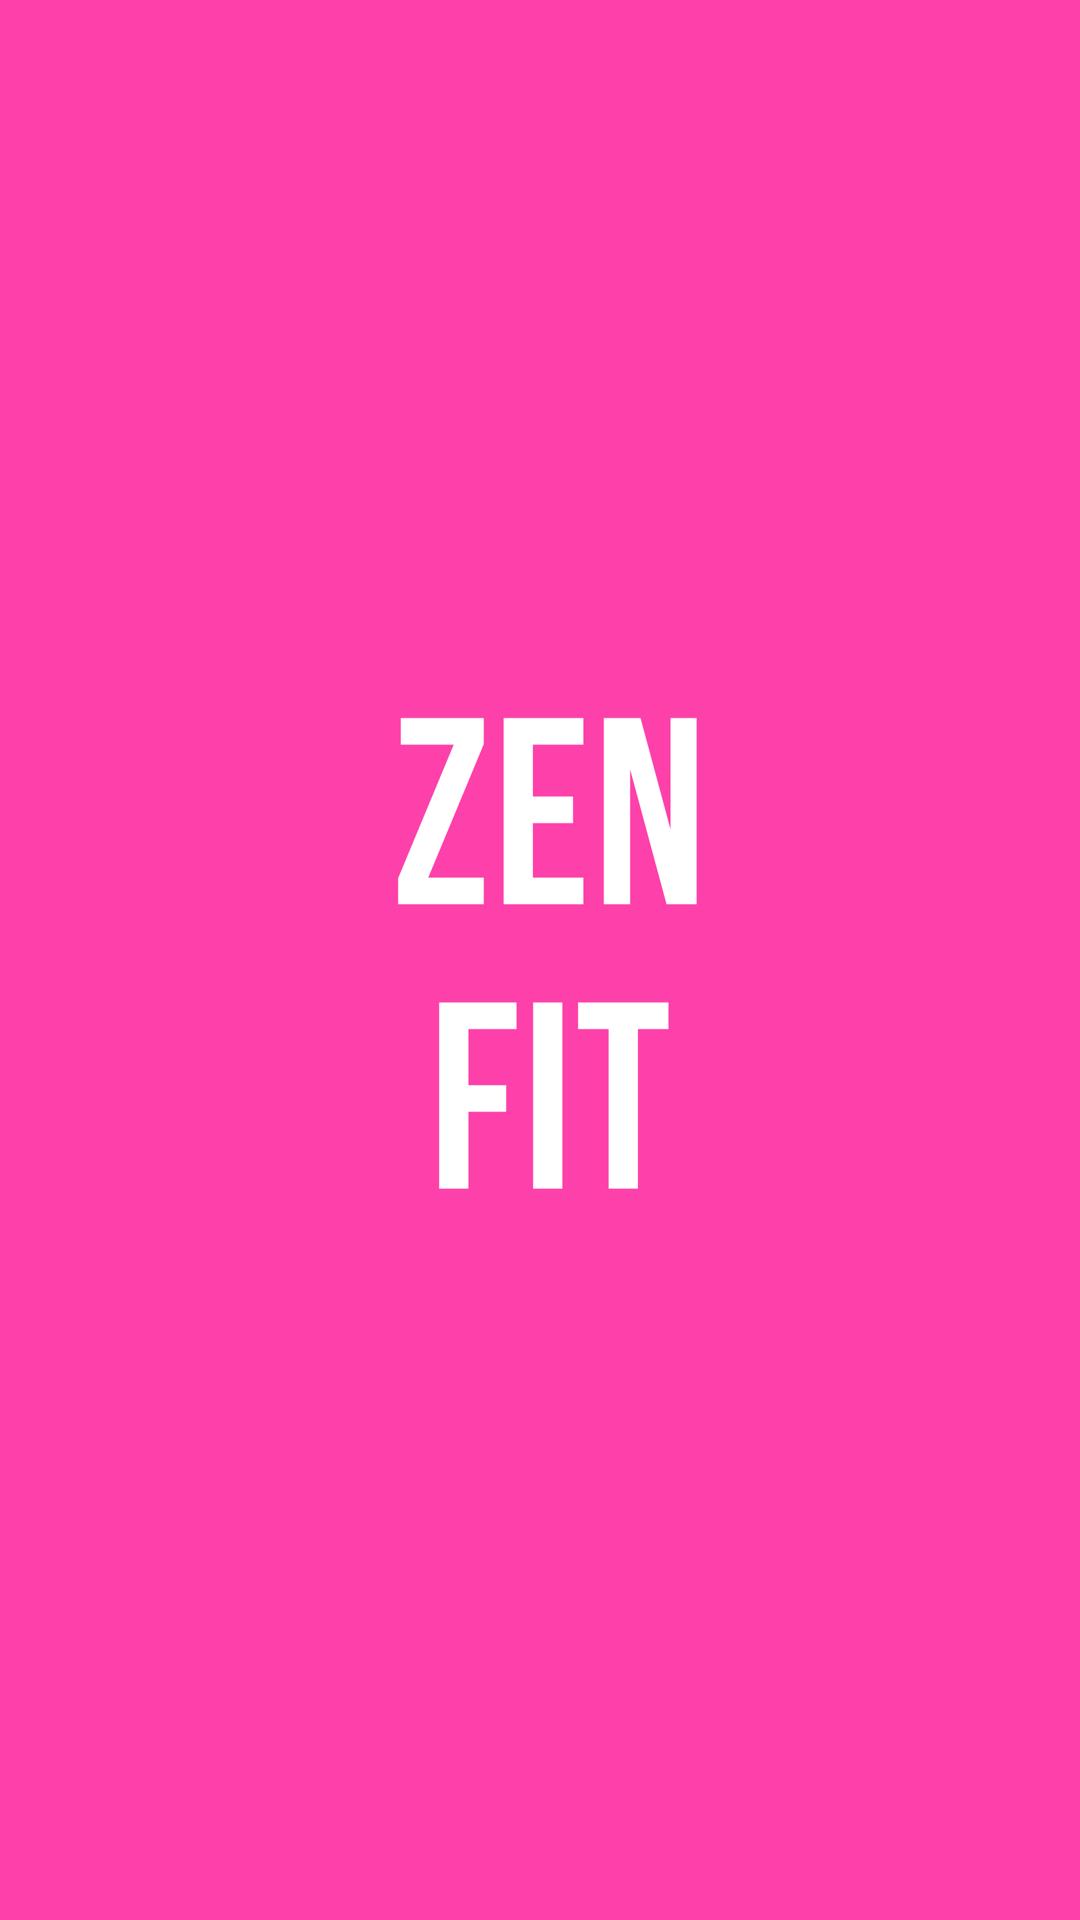 zen fit minc fitness